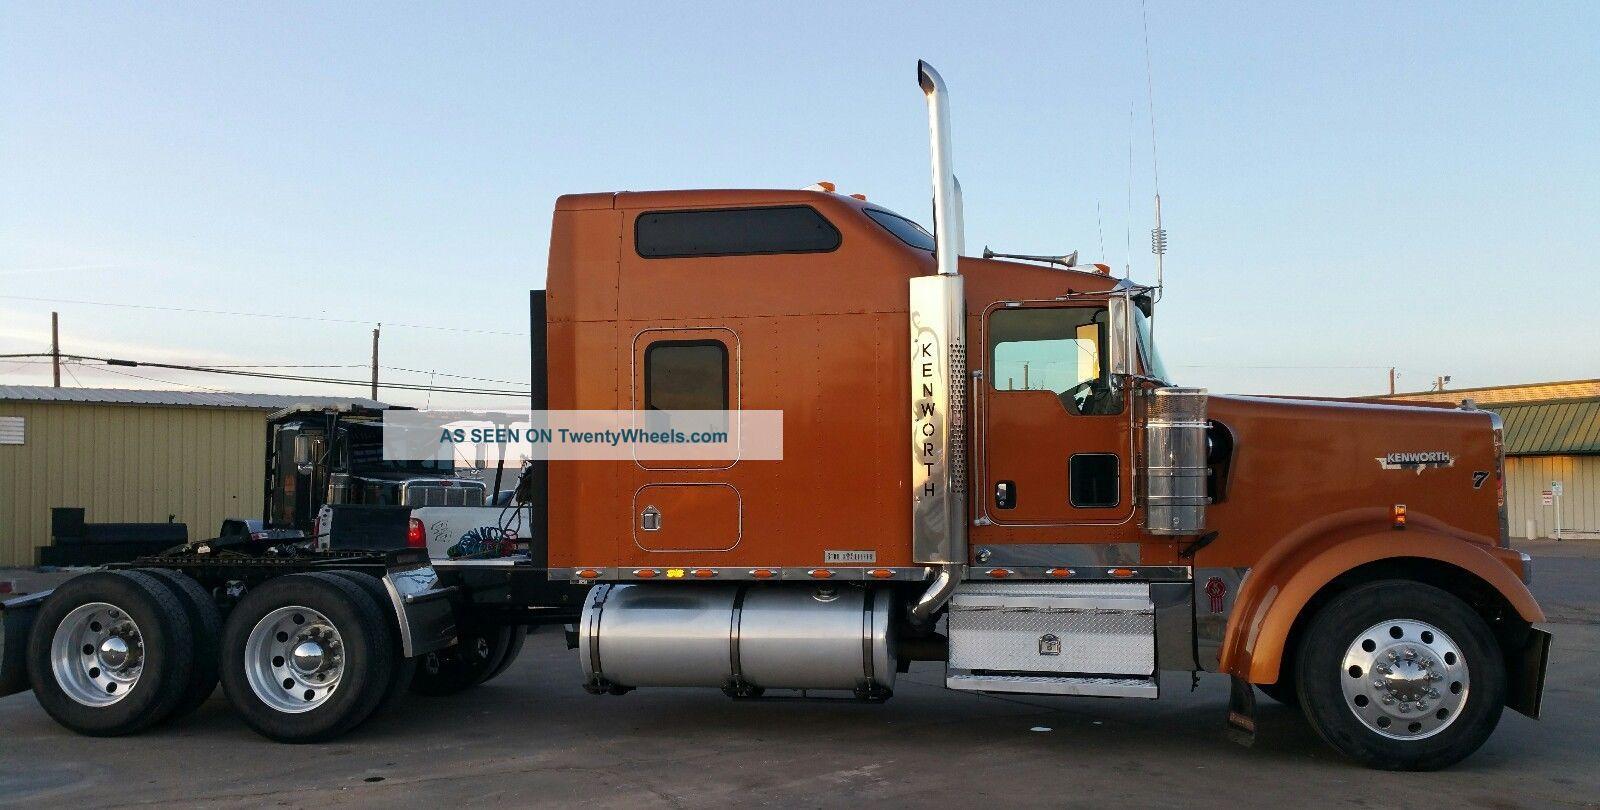 2007 Kenworth W900l Sleeper Semi Trucks photo